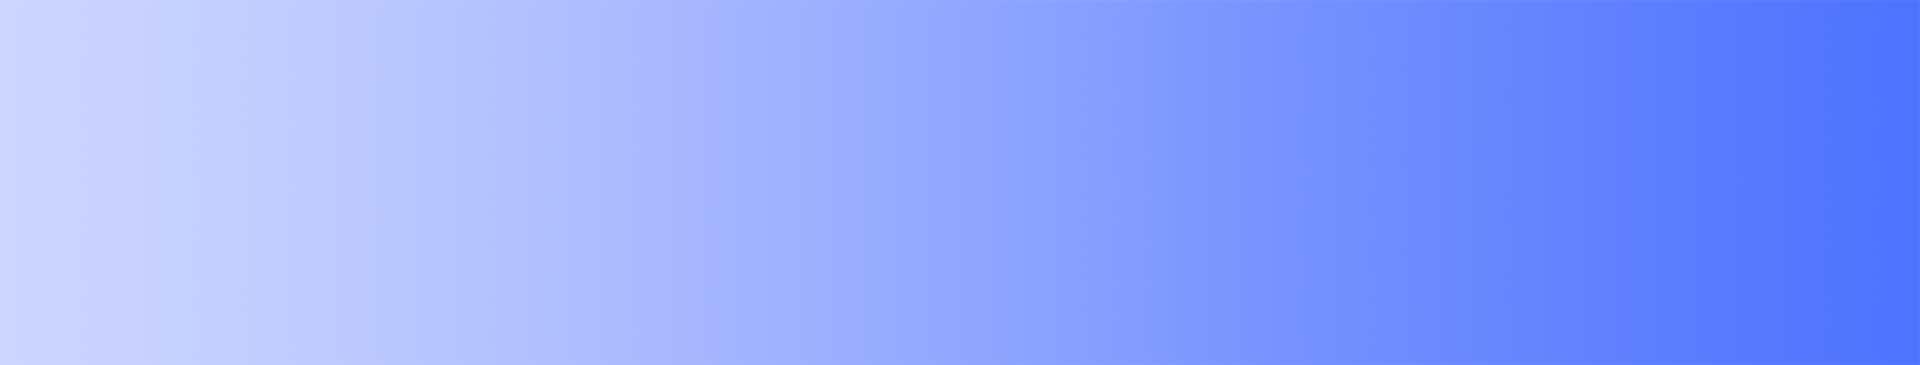 Lentikulardruck Hintergrund